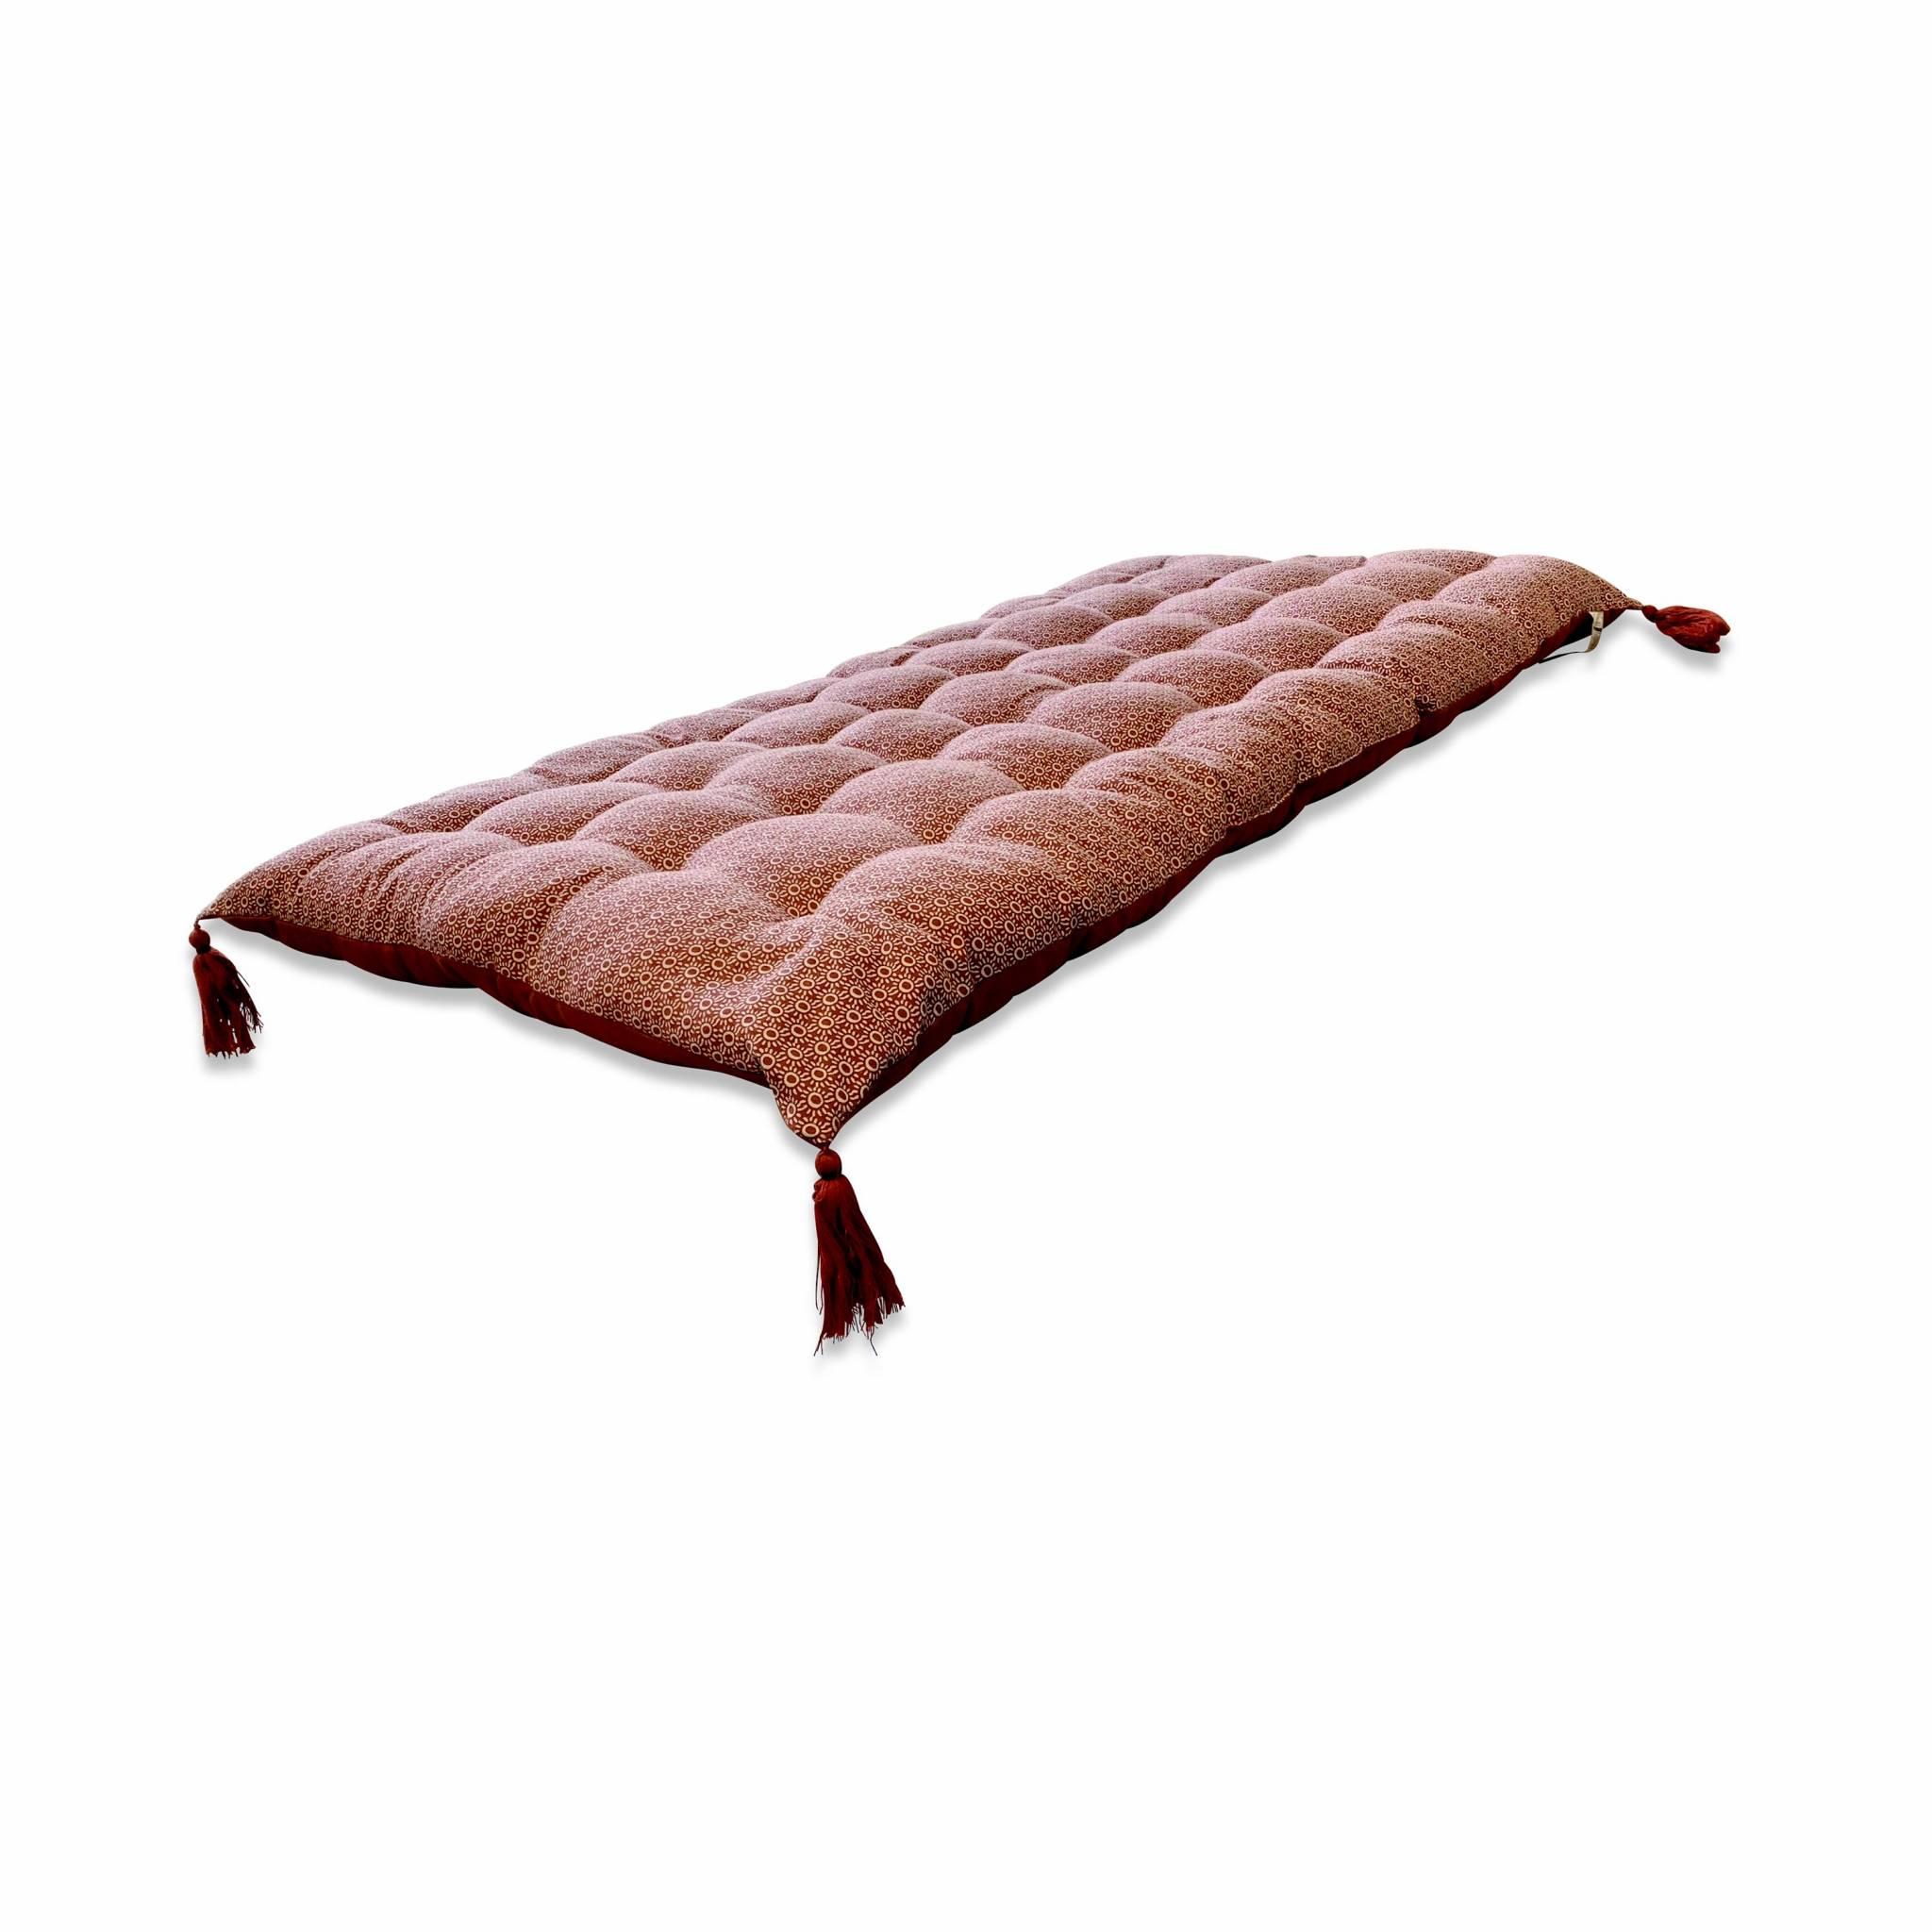 Matelas de sol, réversible, coton, pompons, 120x60cm, terracotta,